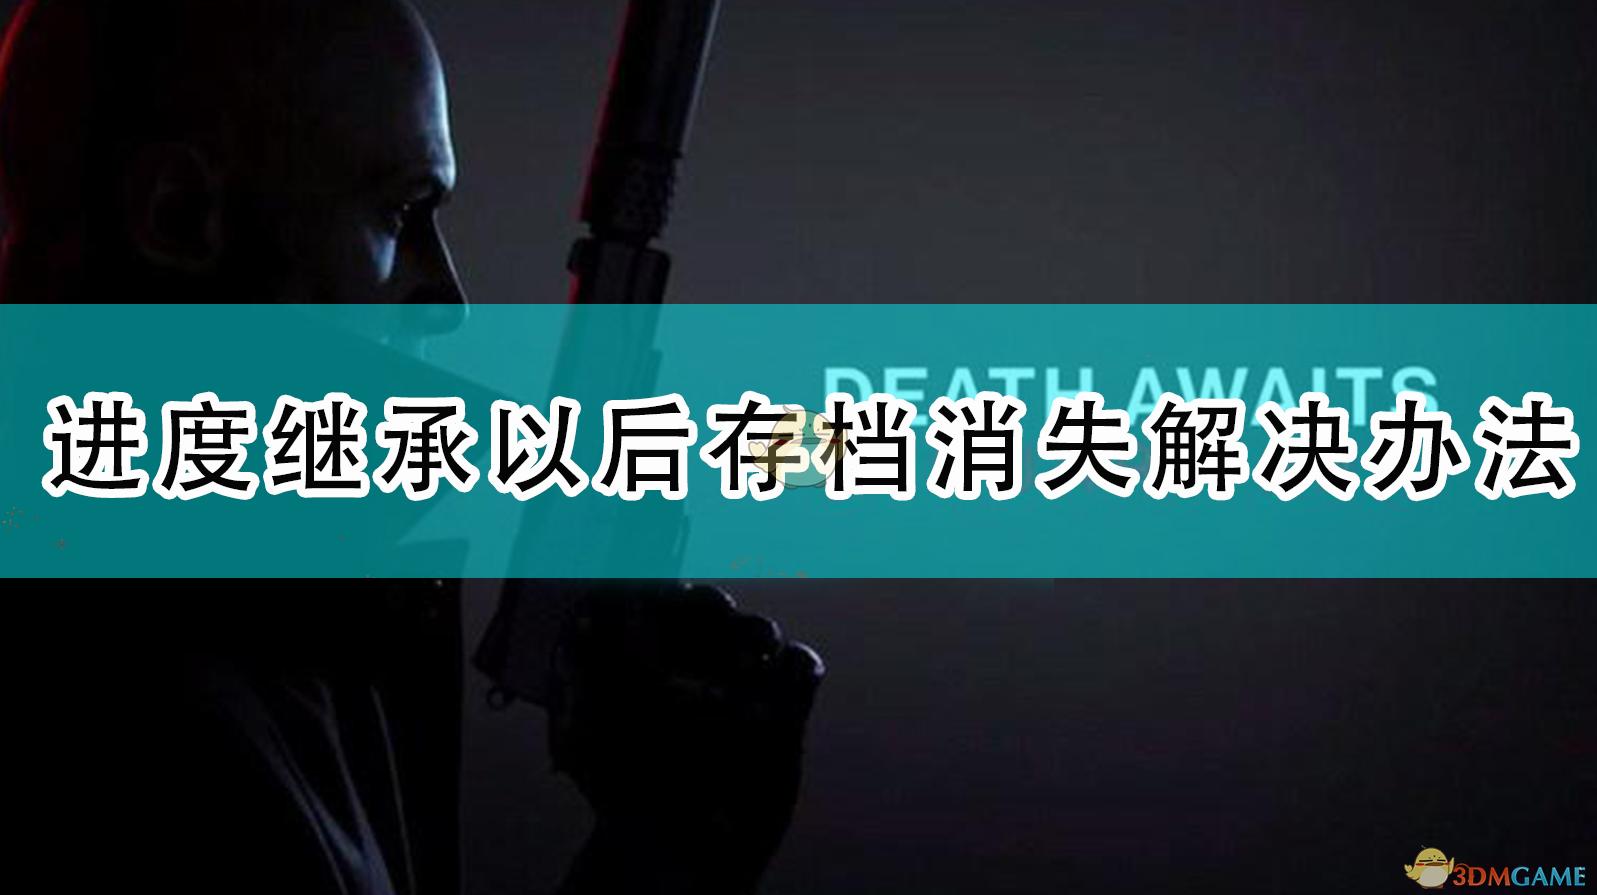 《杀手3》进度继承以后存档消失解决办法